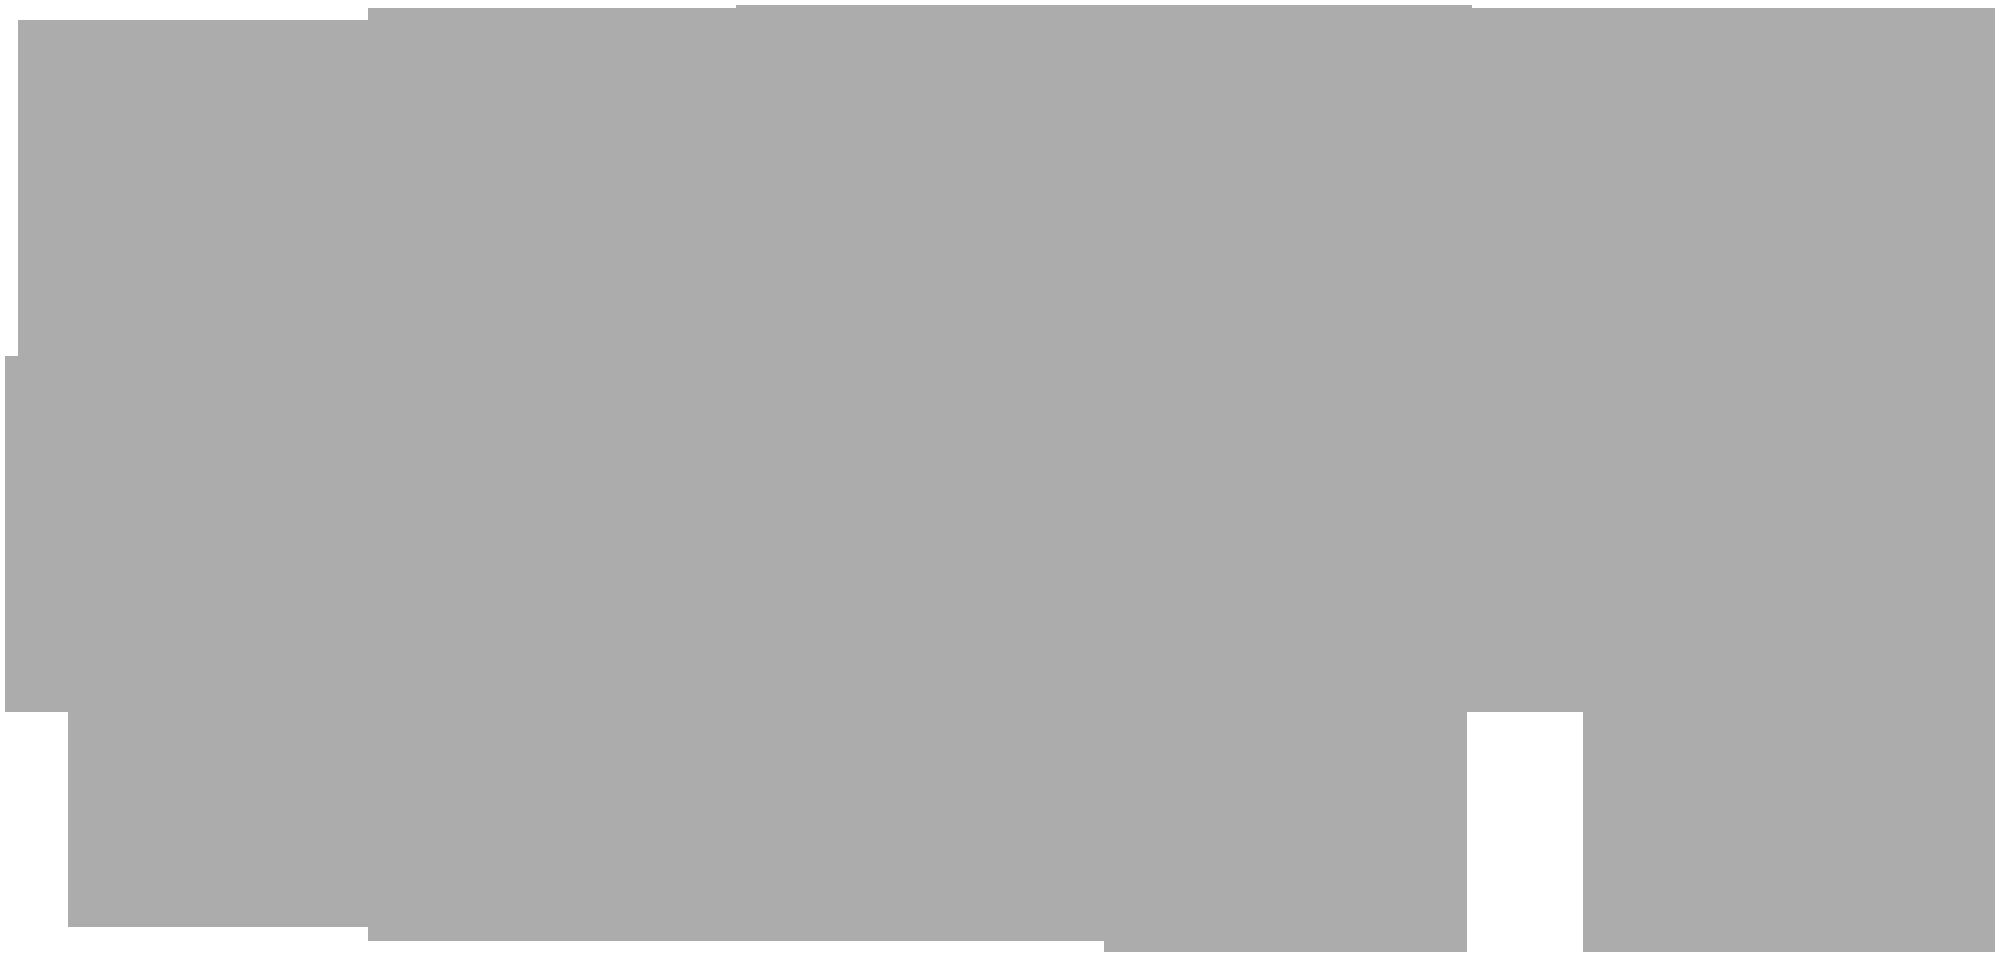 cnn_gray.png